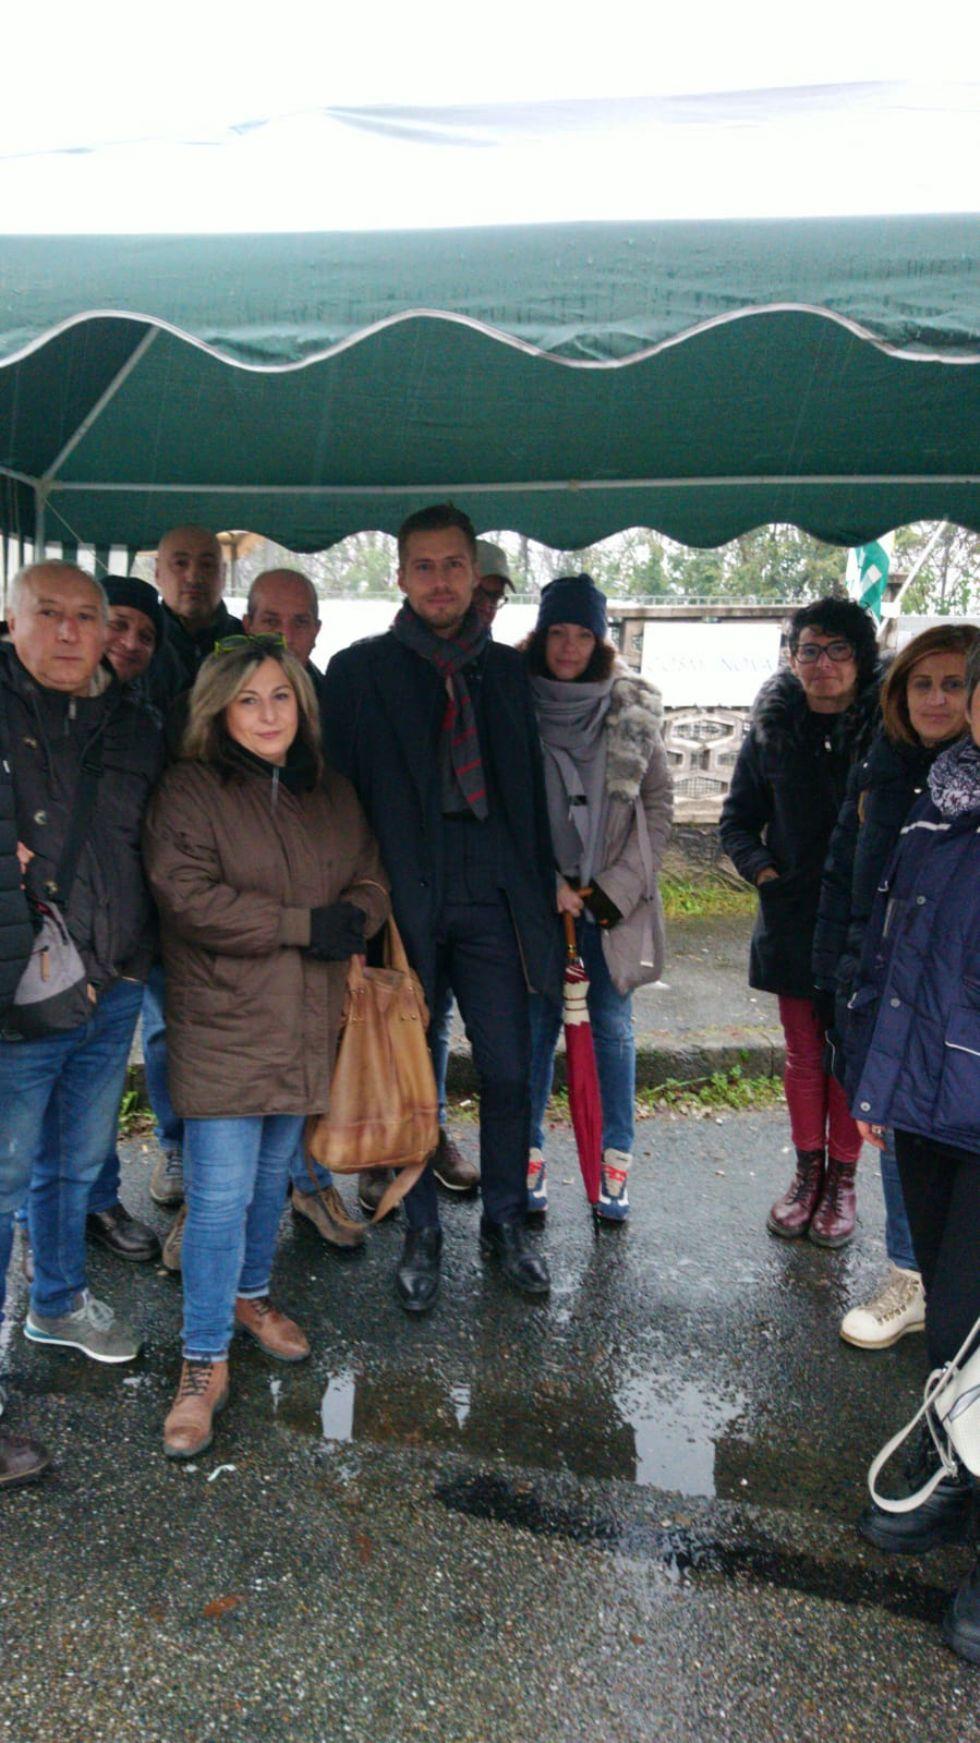 TROFARELLO - Crisi Cosmonova: I Cinque Stelle chiedono alla Regione di attivare il tavolo